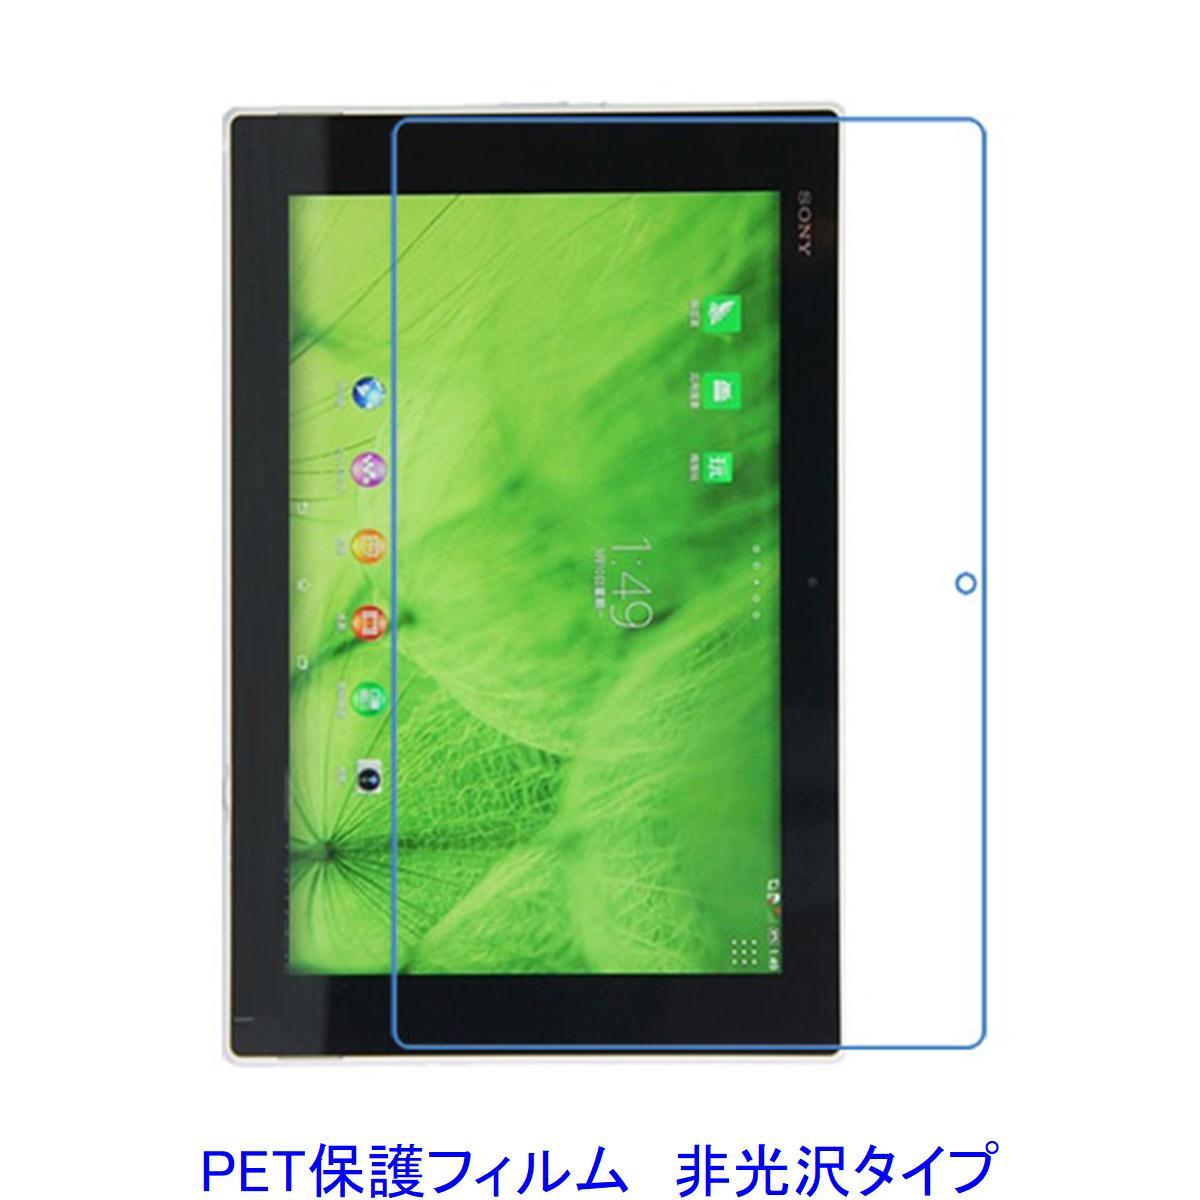 【メール便送料無料】 Xperia Z2 Tablet SO-05F SGP512JP 液晶保護フィルム 非光沢 指紋防止